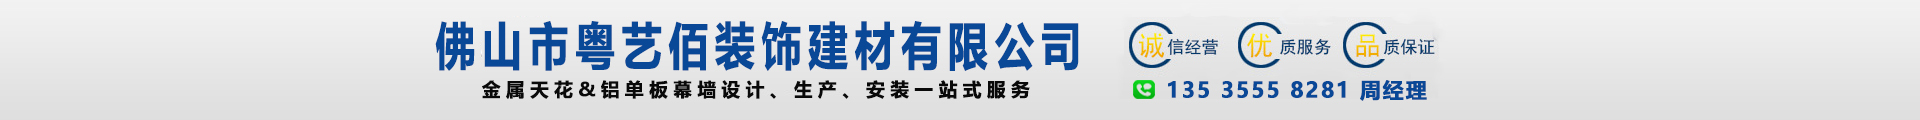 佛山市粵藝佰裝飾建材有限公司